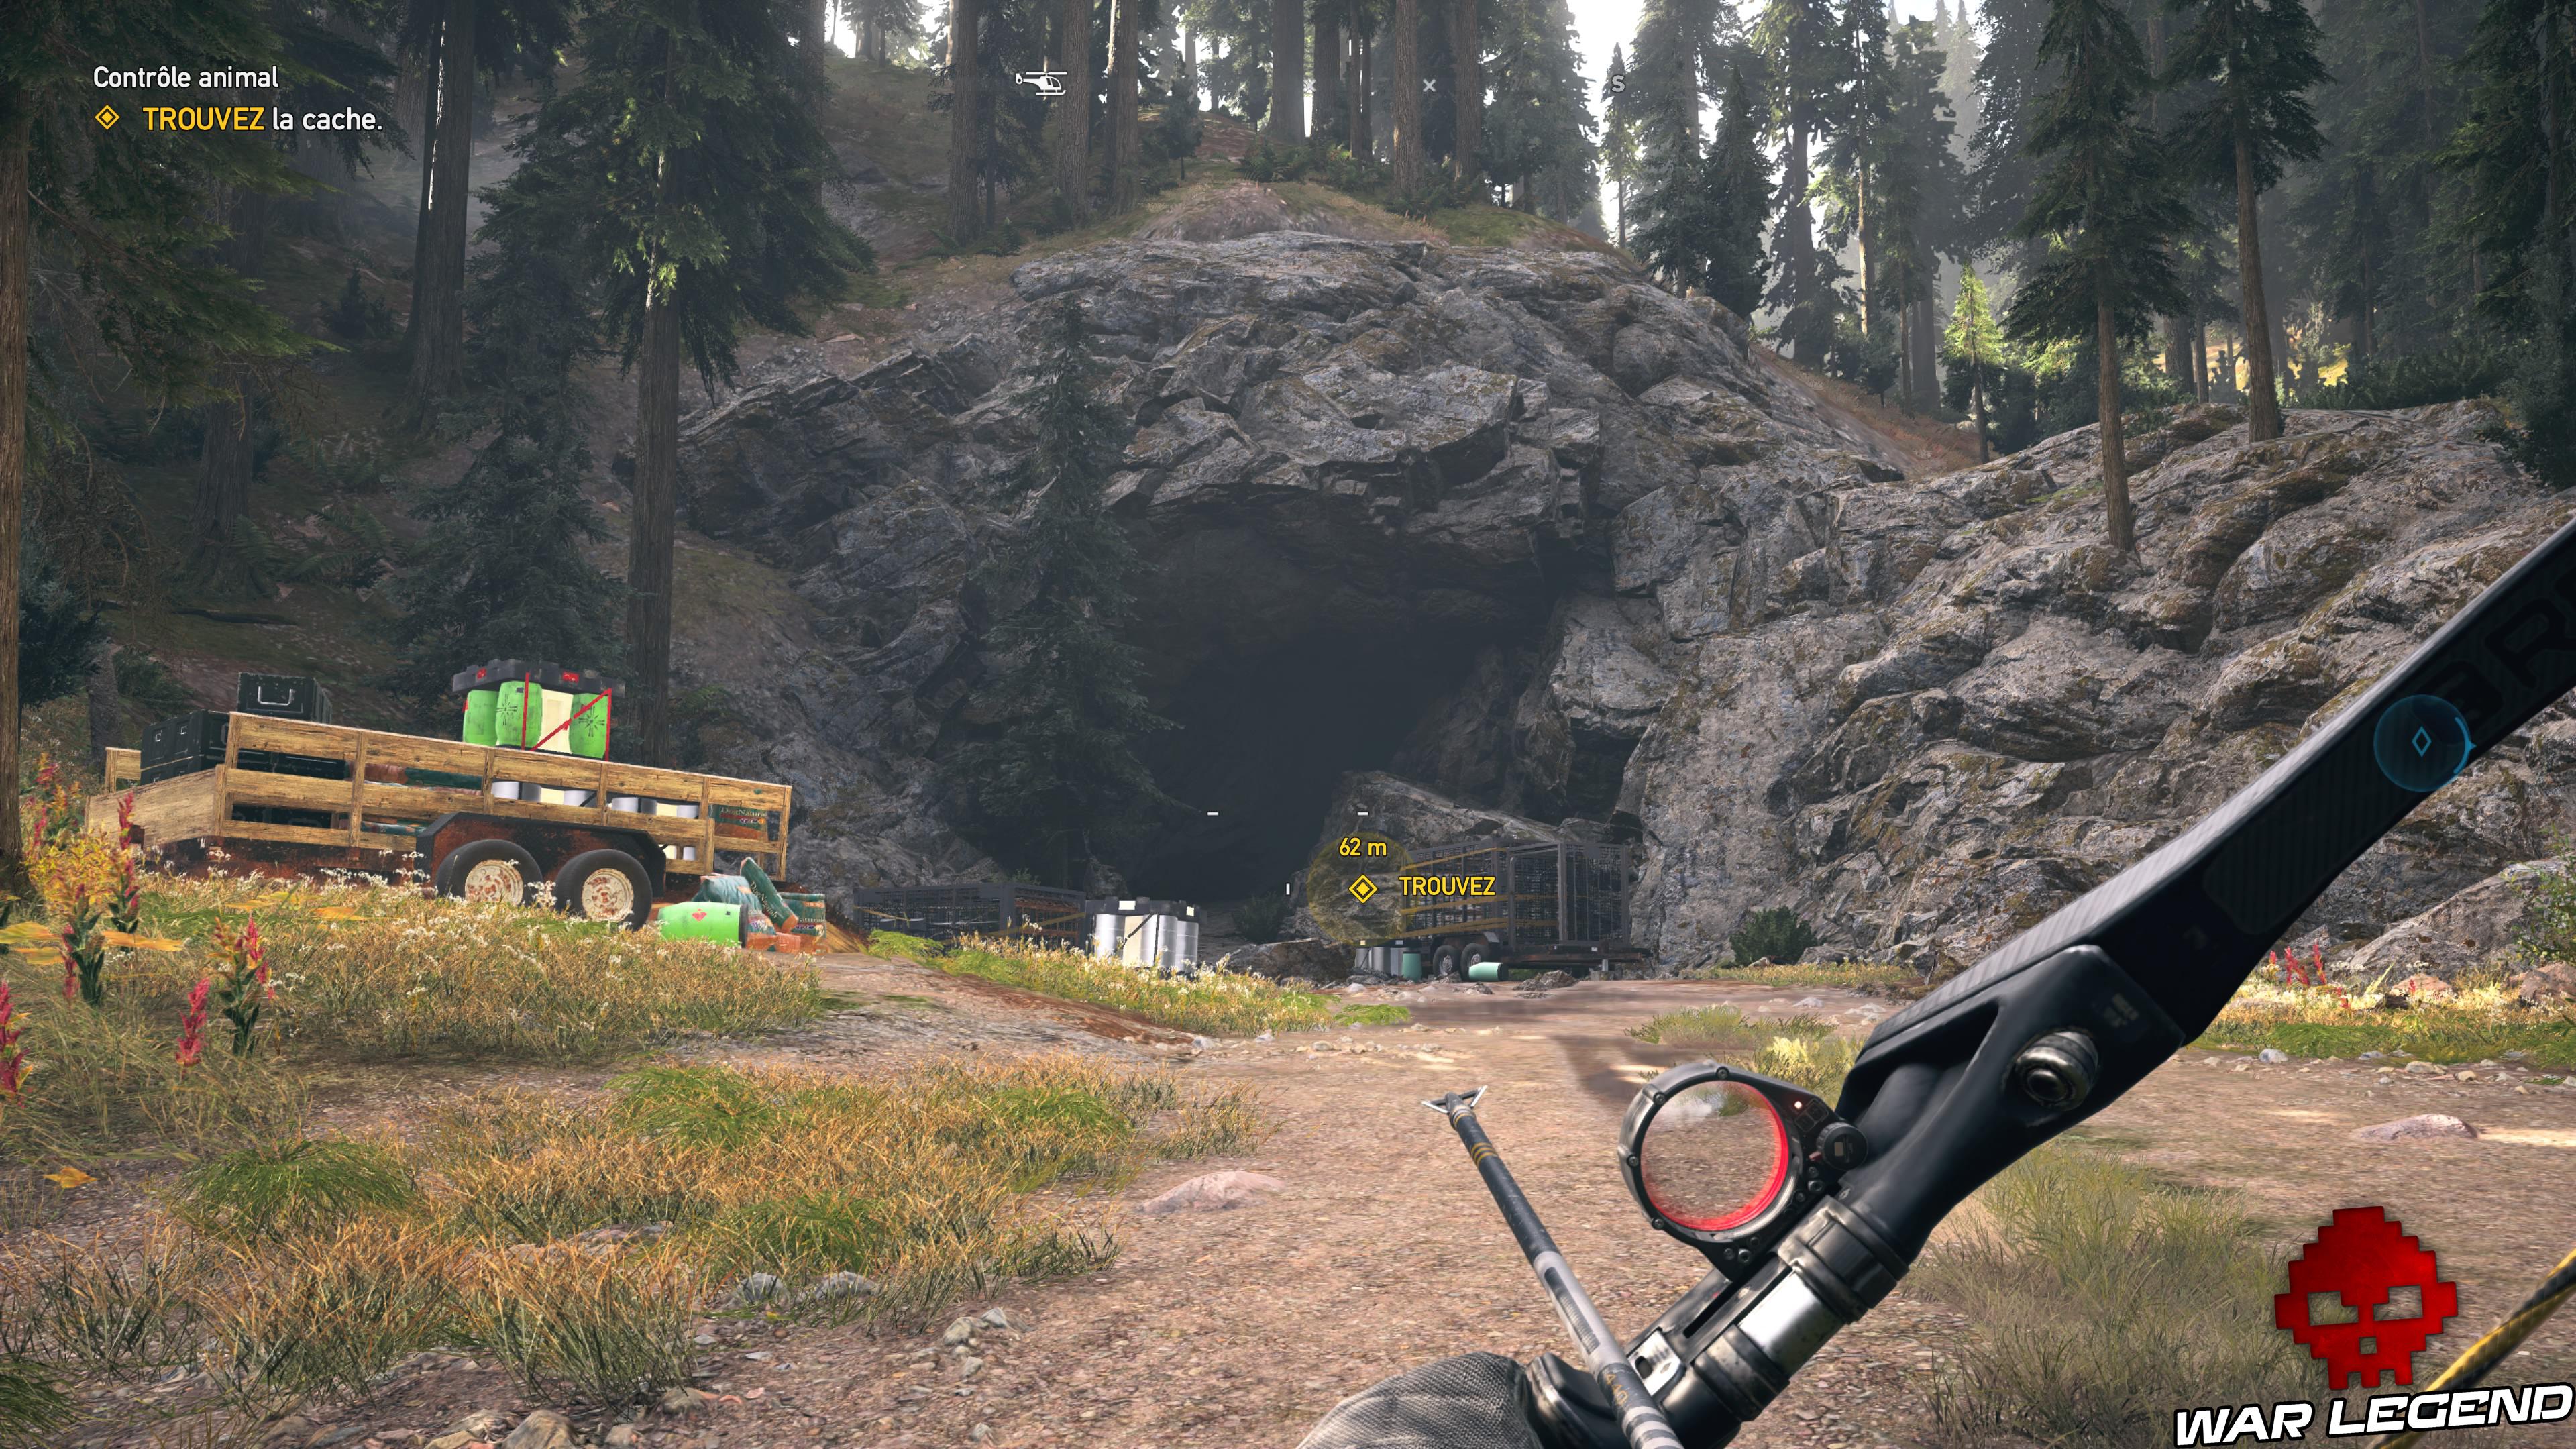 Guide Far Cry 5 - Les caches de survivaliste de la région de Faith (Henbane River) grotte